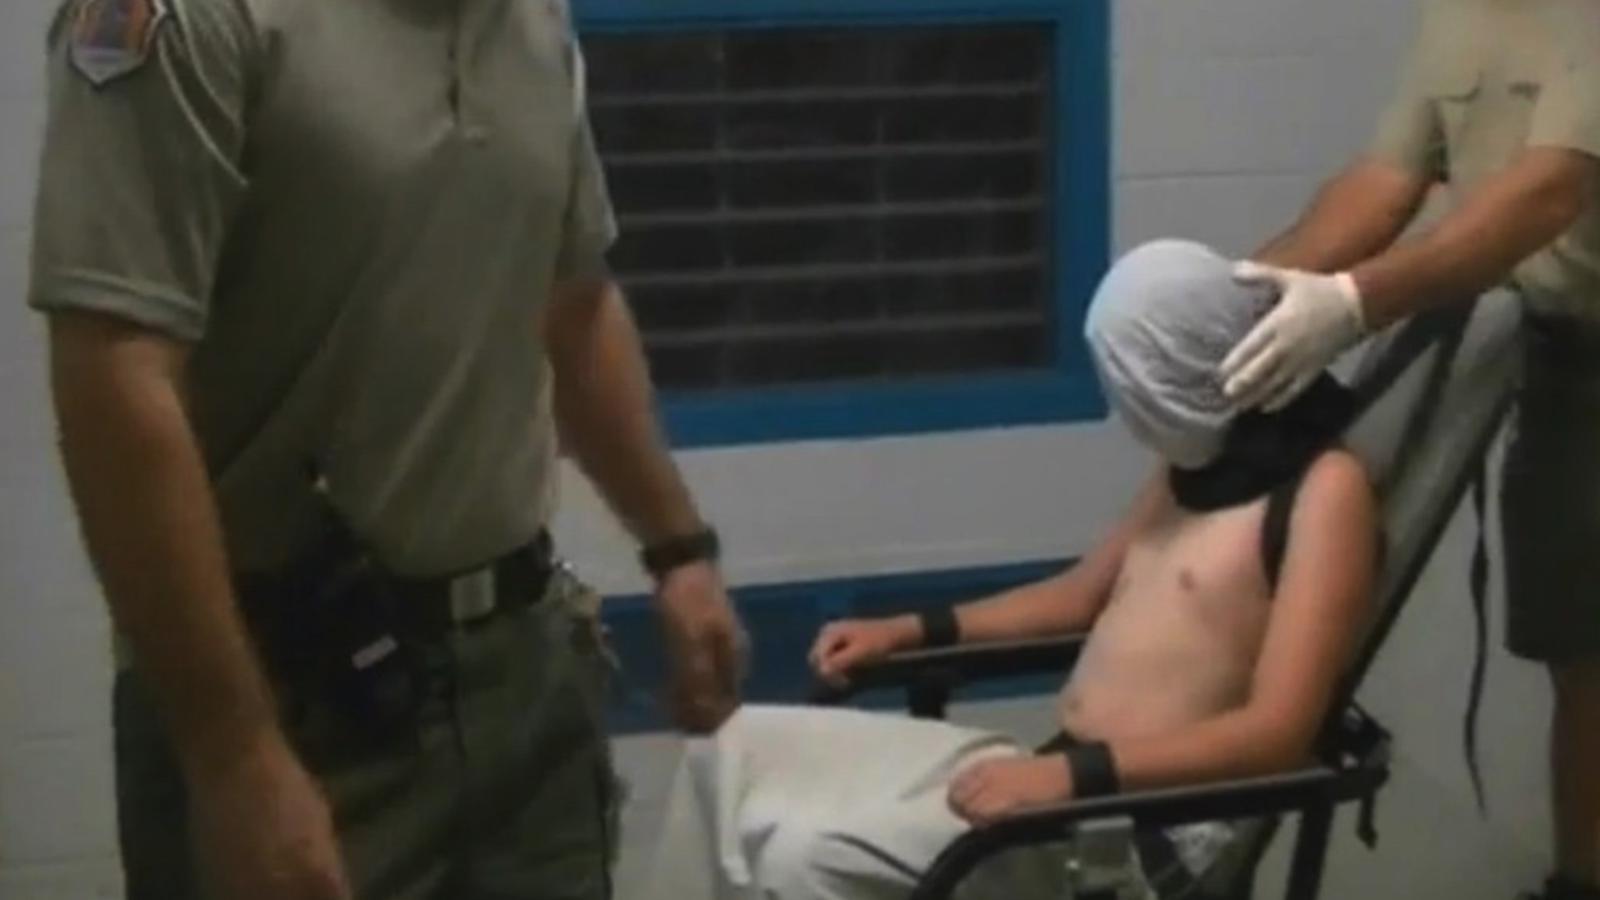 Un guàrdia tapa el cap d'un jove lligat en una cadira d'un centre de menors.